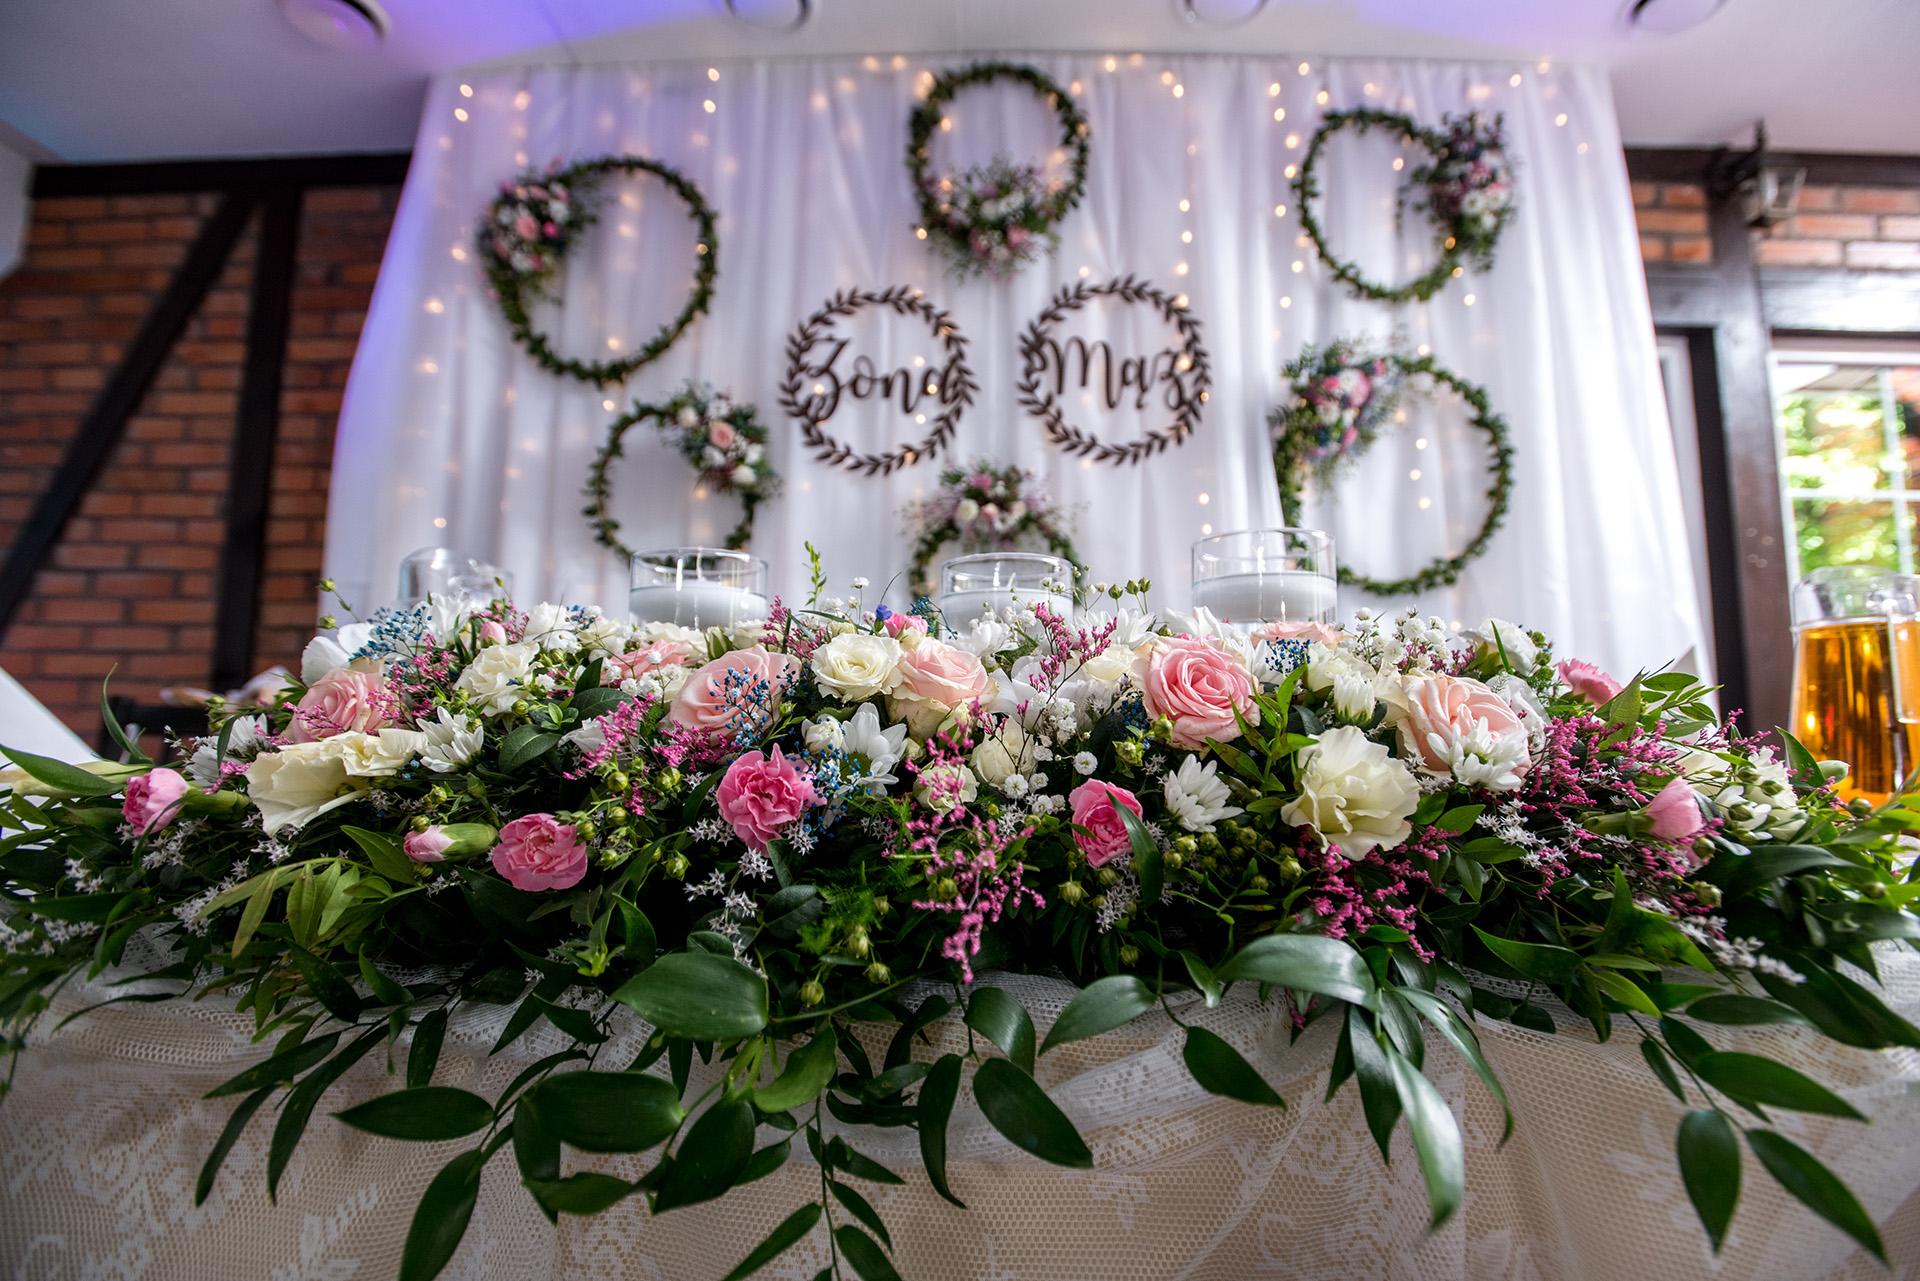 bukiet slubny wesele - fotograf ślubny - fotografia ślubna - zdjecia podczas wesela